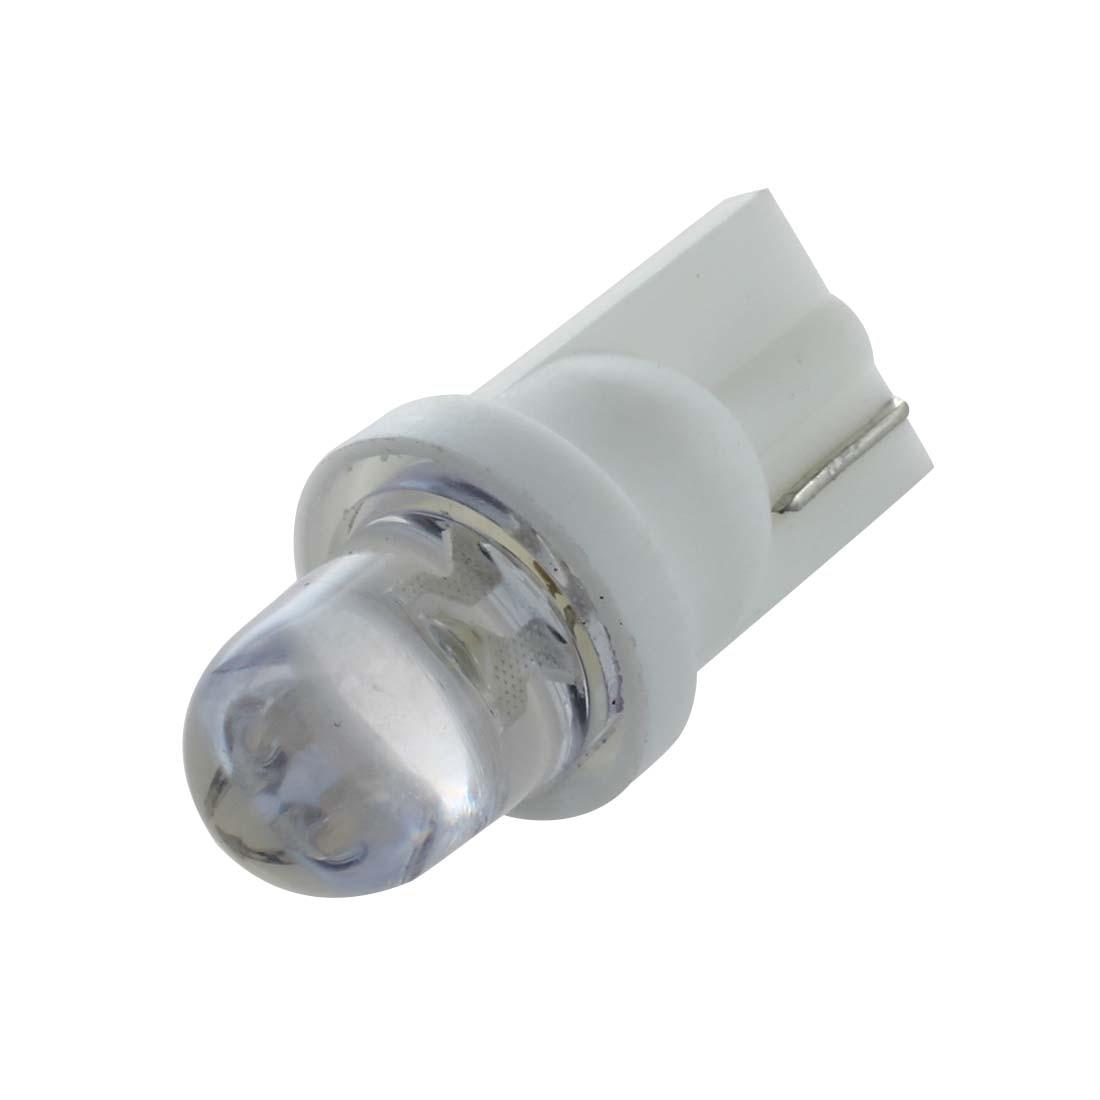 FORD Focus MK1 501 W5W rouge porte intérieure prix commerce LED Ampoule Lumière de mise à niveau